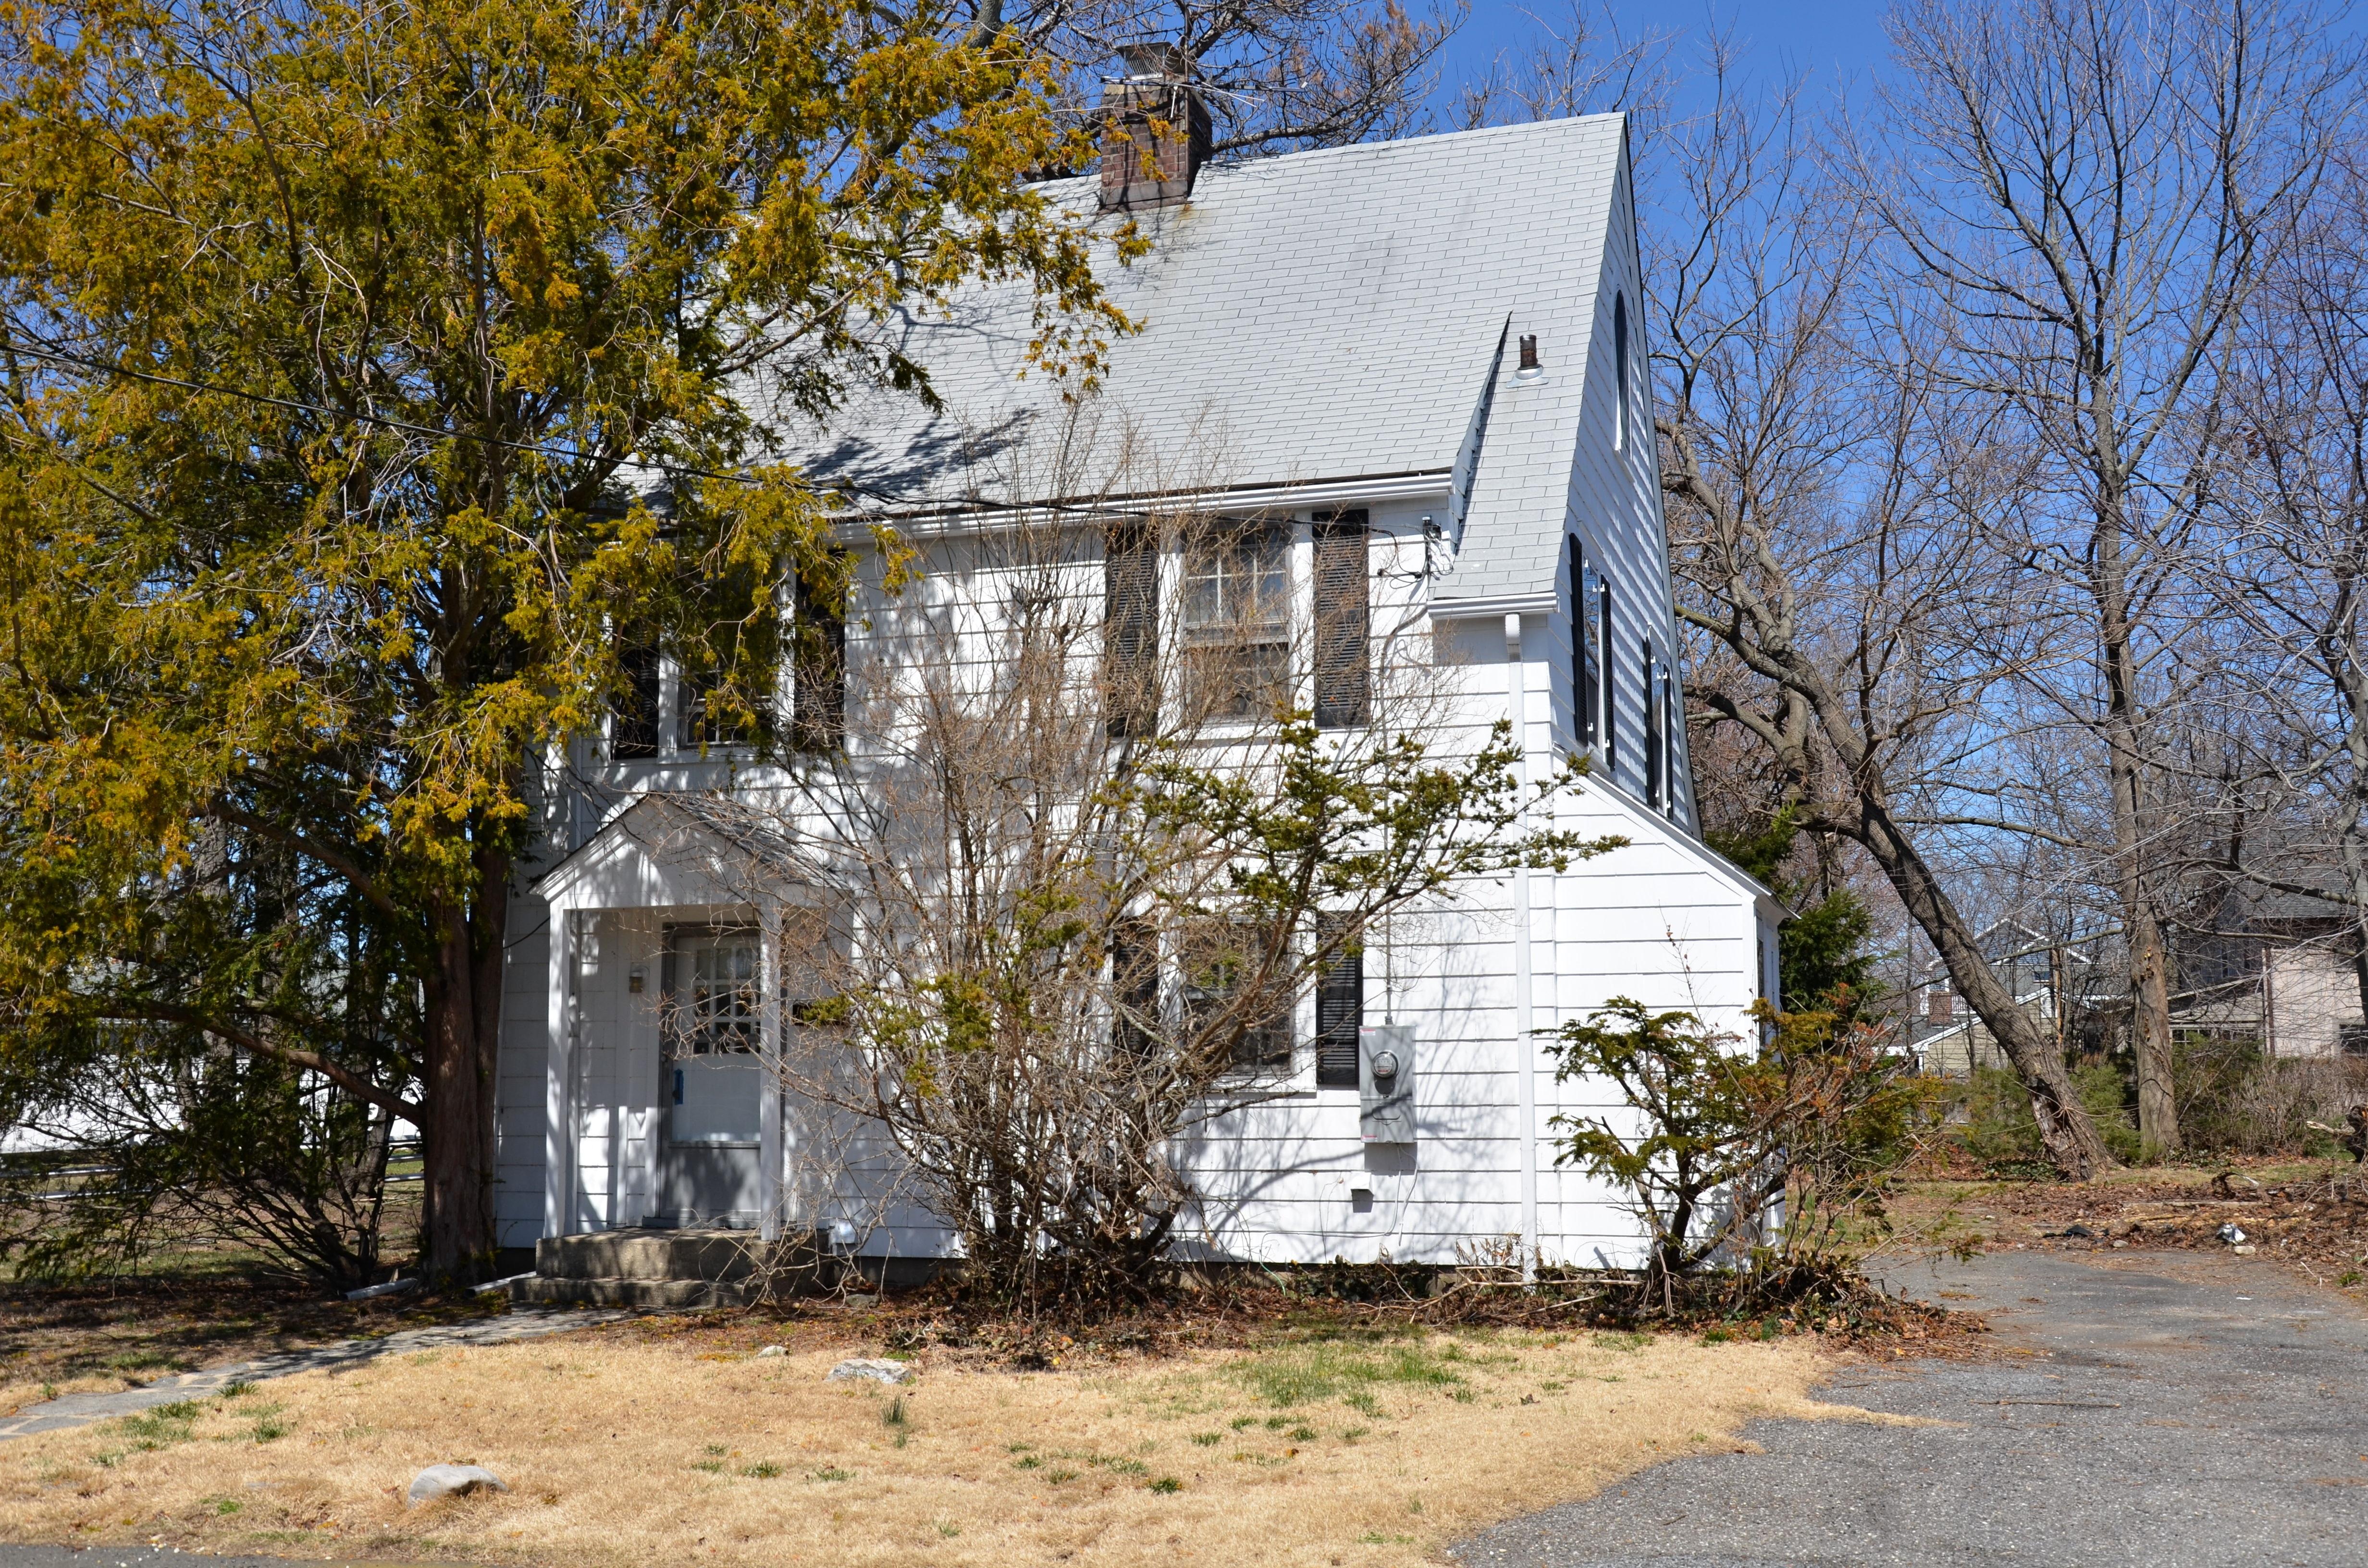 Частный односемейный дом для того Продажа на Located in East Norwalk Waterfront Area 6 Blackstone Drive Norwalk, Коннектикут 06855 Соединенные Штаты